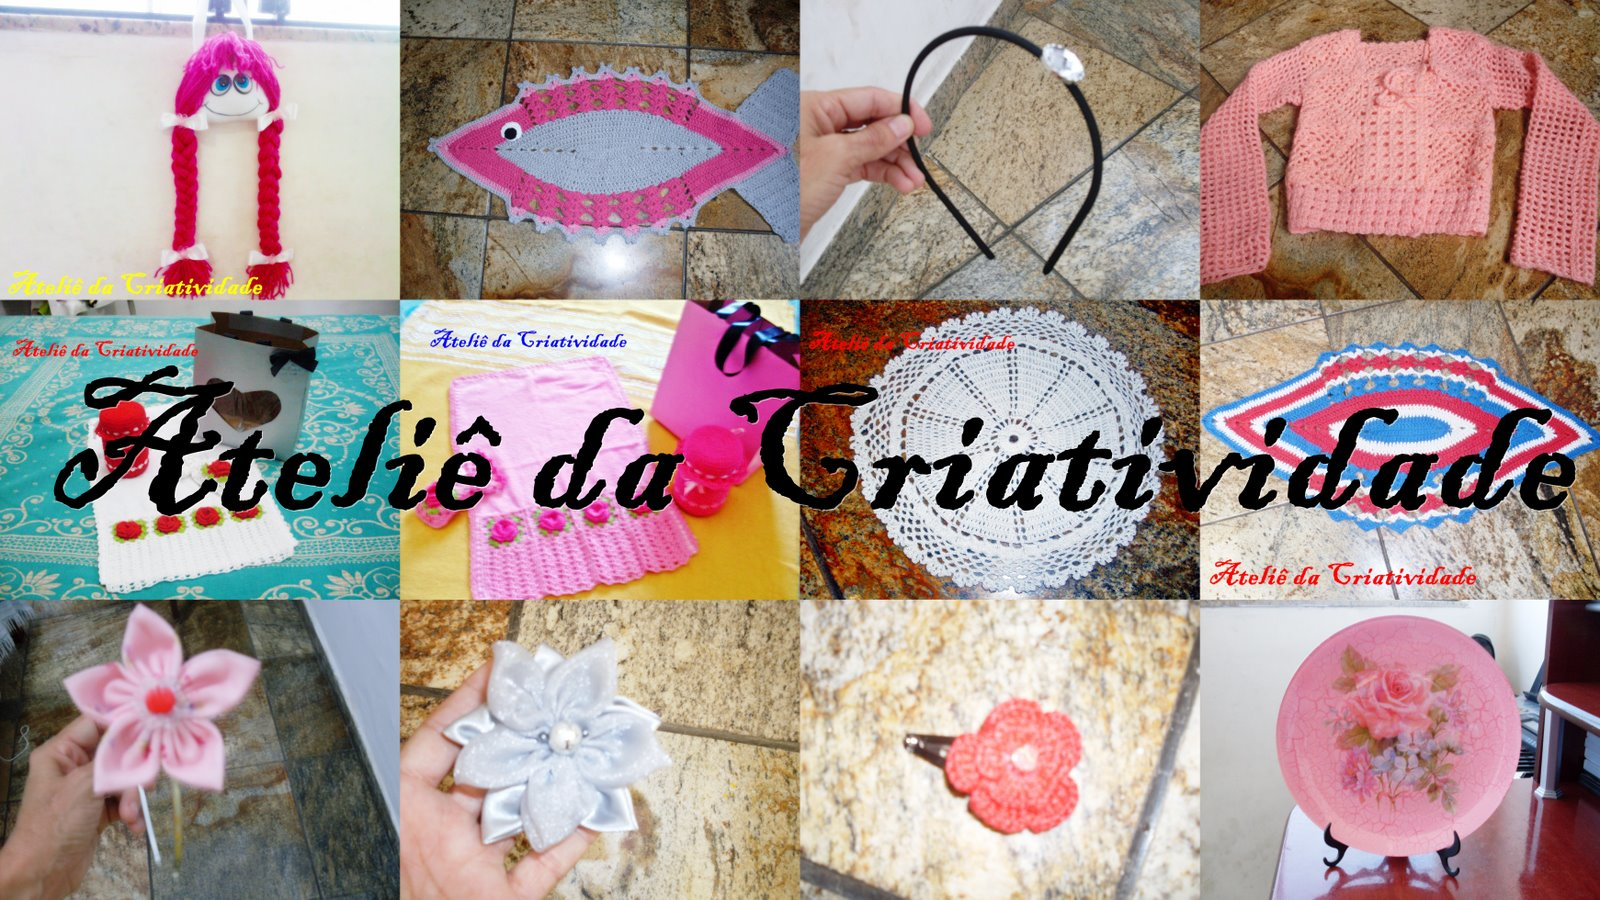 *♥*´¯`*.¸¸.*´¯`* Ateliê da Criatividade *´¯`*.¸¸.*´¯`*♥*